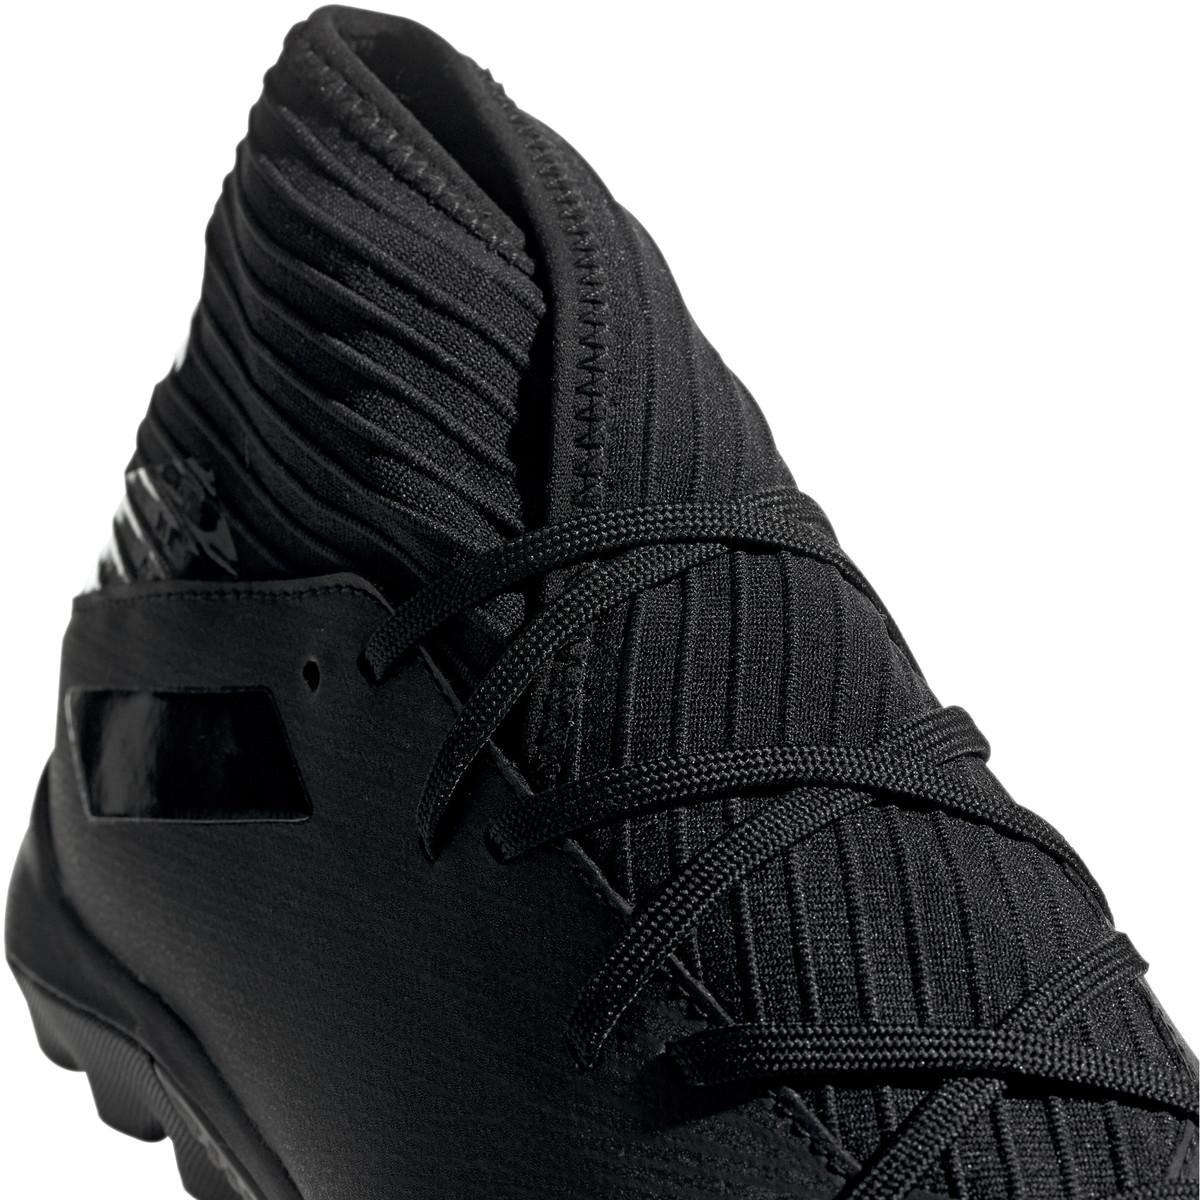 adidas Voetbalschoenen Nemeziz 19.3 Tf in het Zwart voor heren